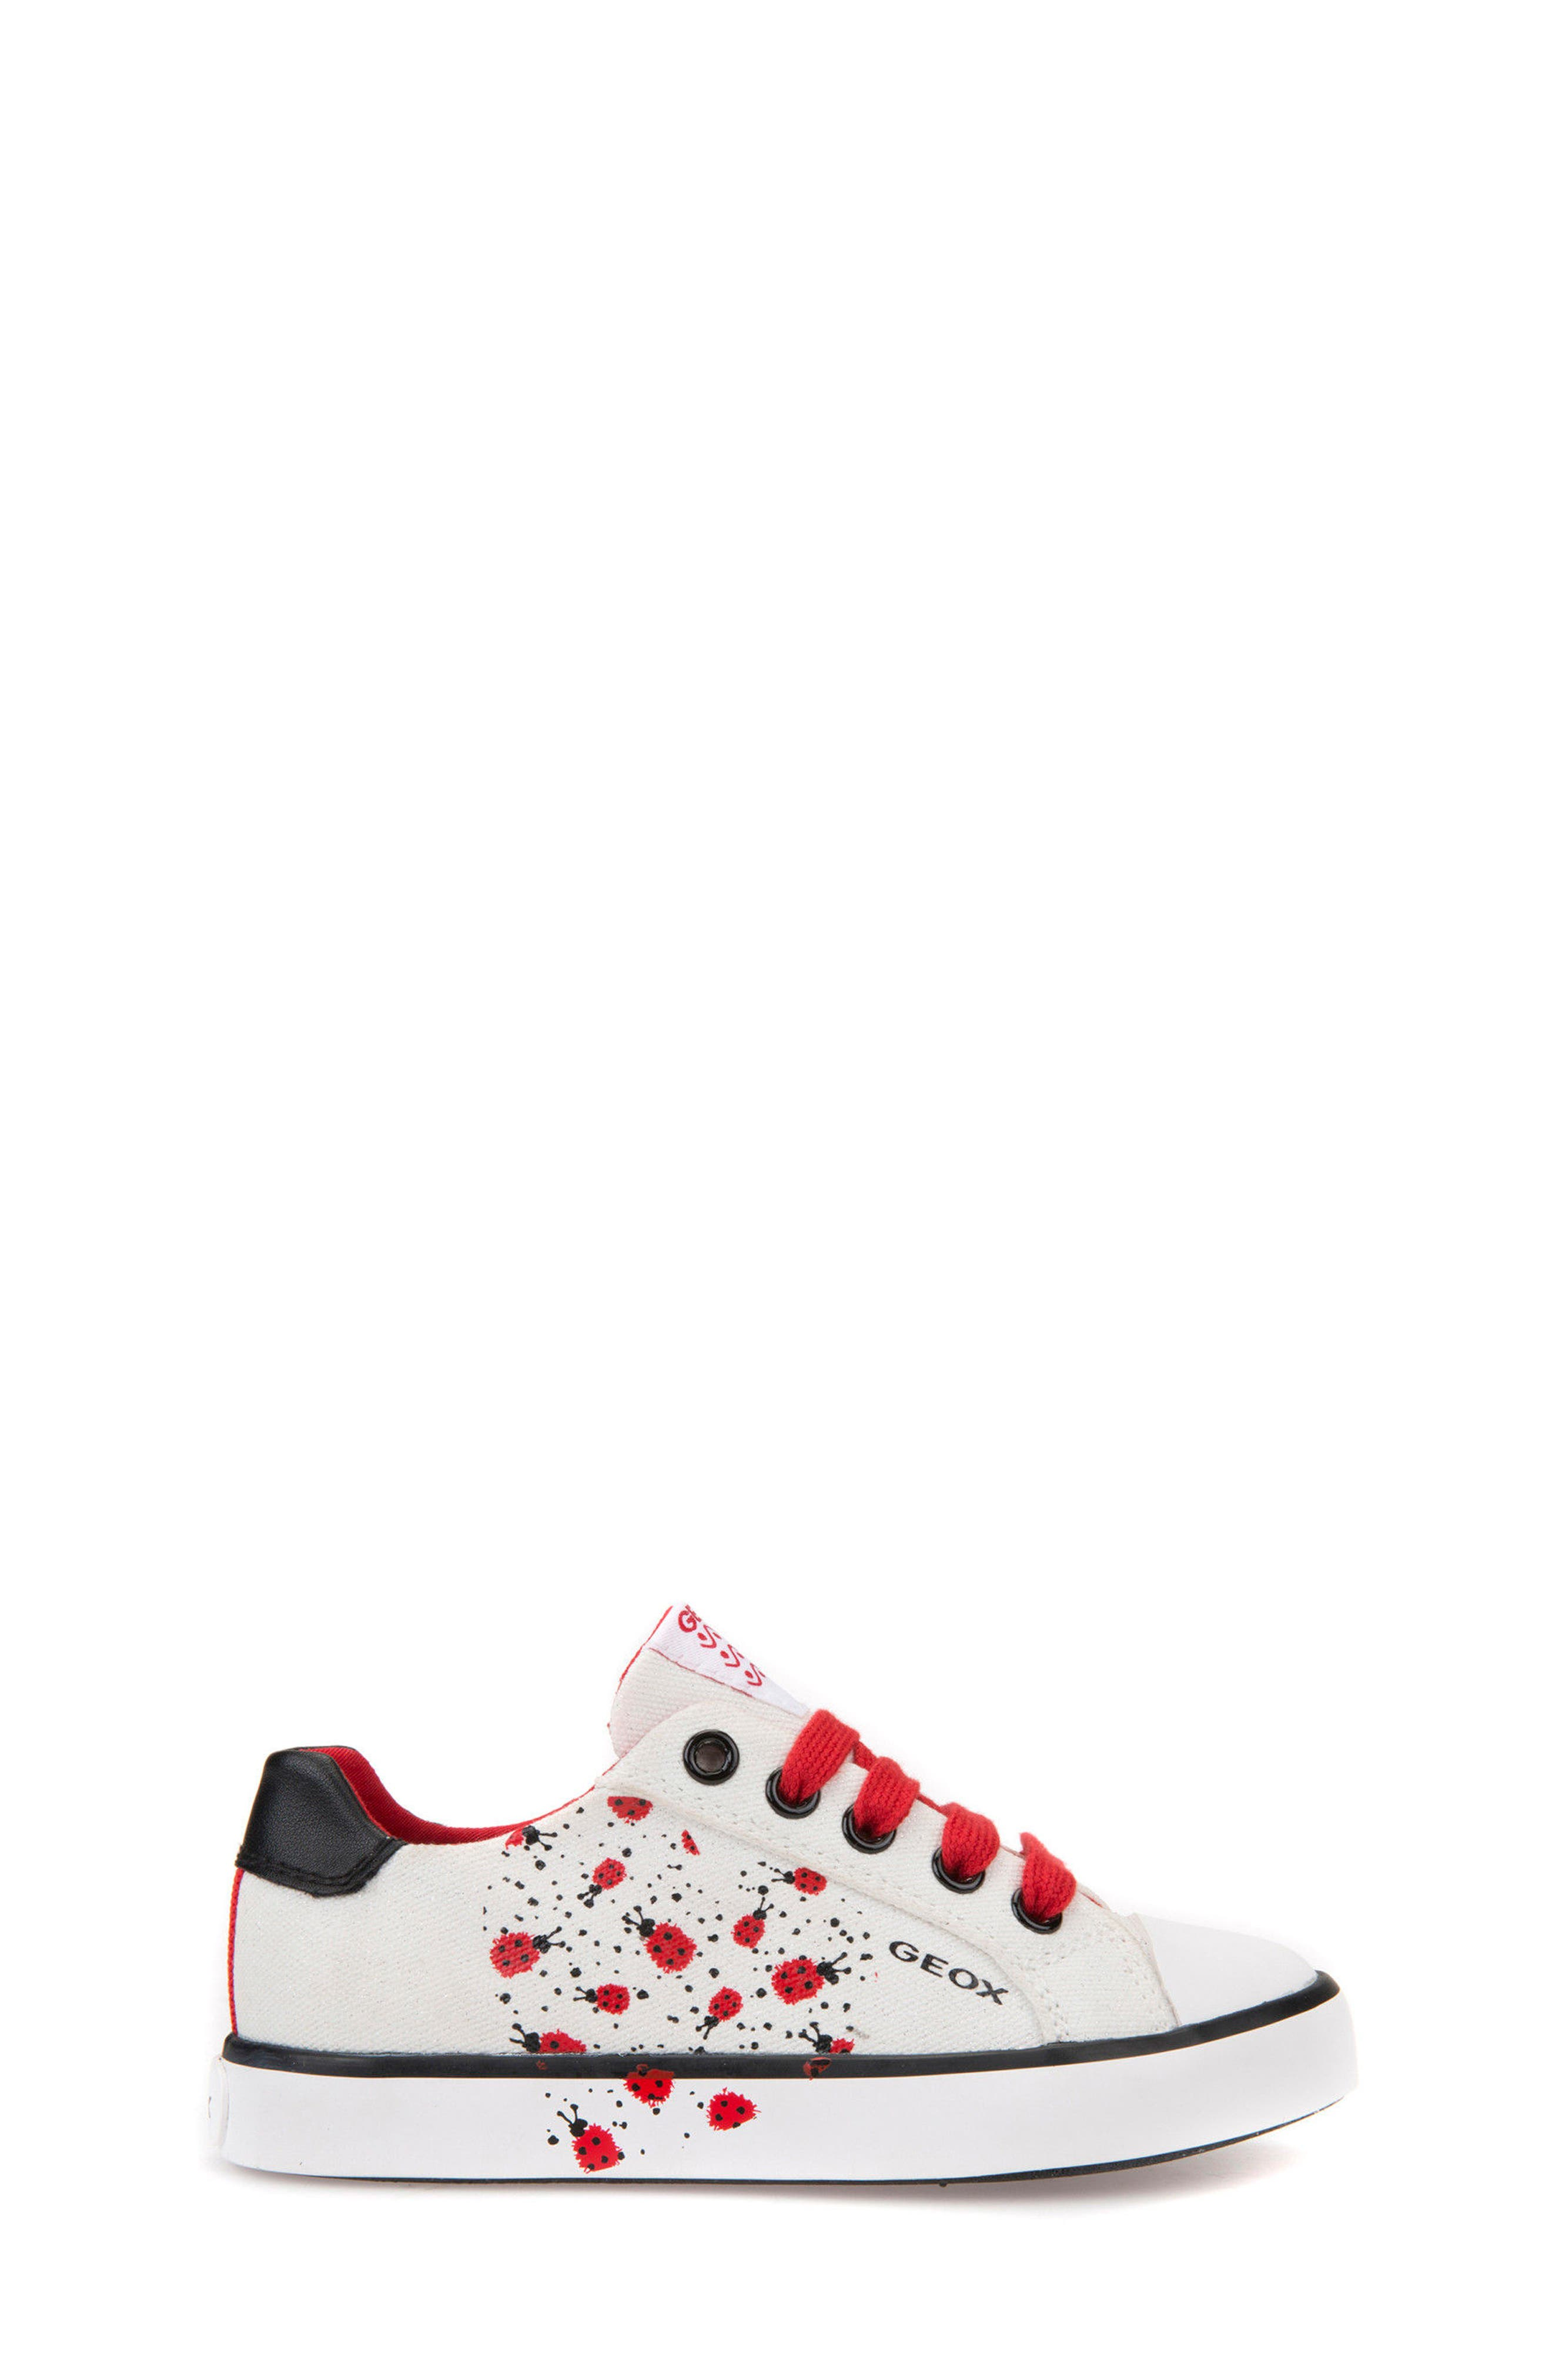 Ciak Low Top Sneaker,                             Alternate thumbnail 3, color,                             116